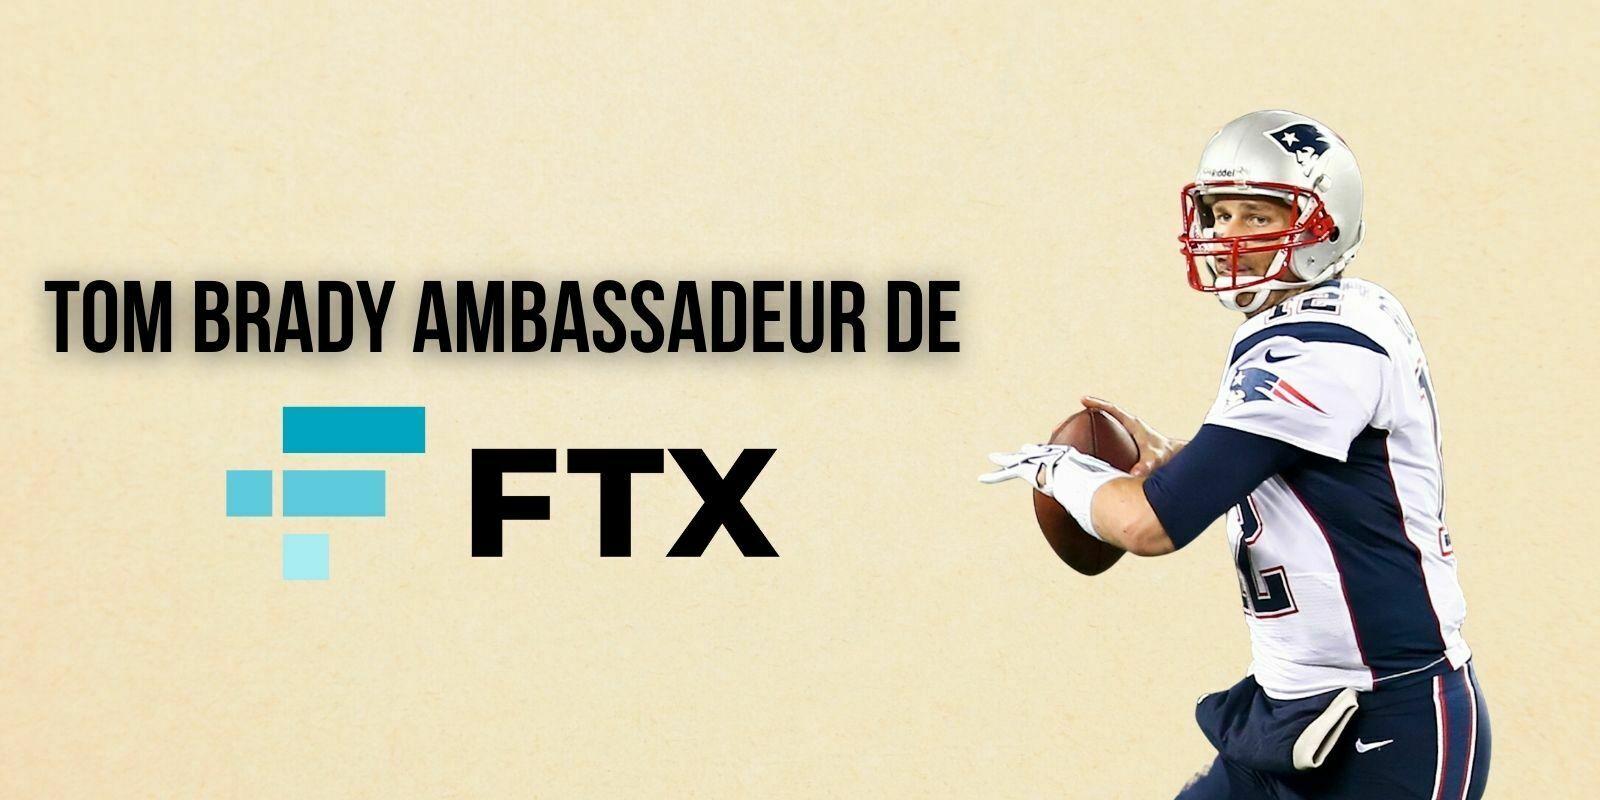 Tom Brady et Gisele Bündchen entrent au capital de FTX et deviennent ambassadeurs de la plateforme